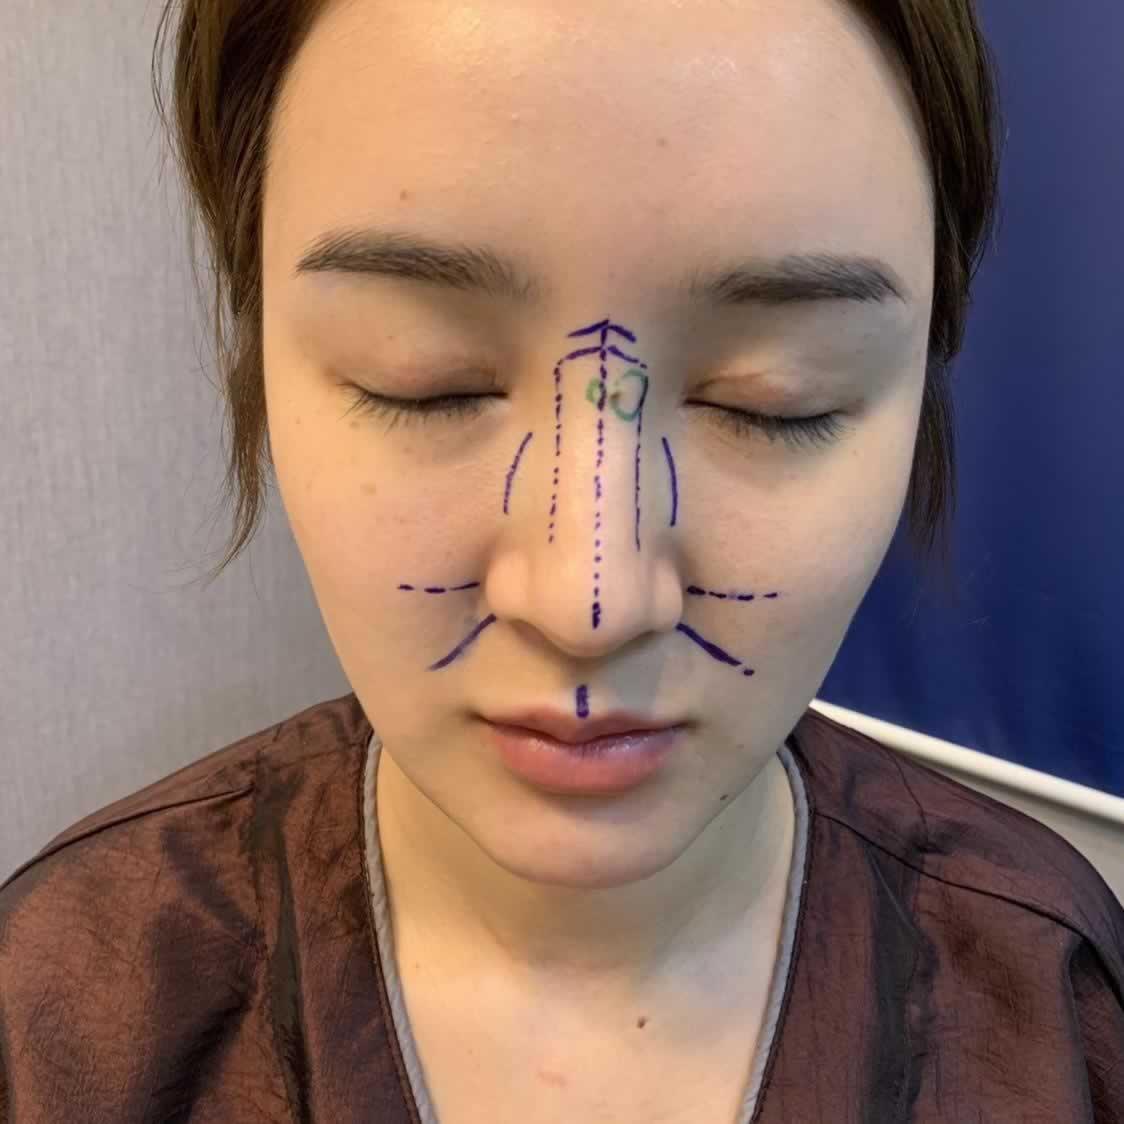 韩国最大的换脸手术V-LINE瓜子脸,这个手术做完效果很棒。